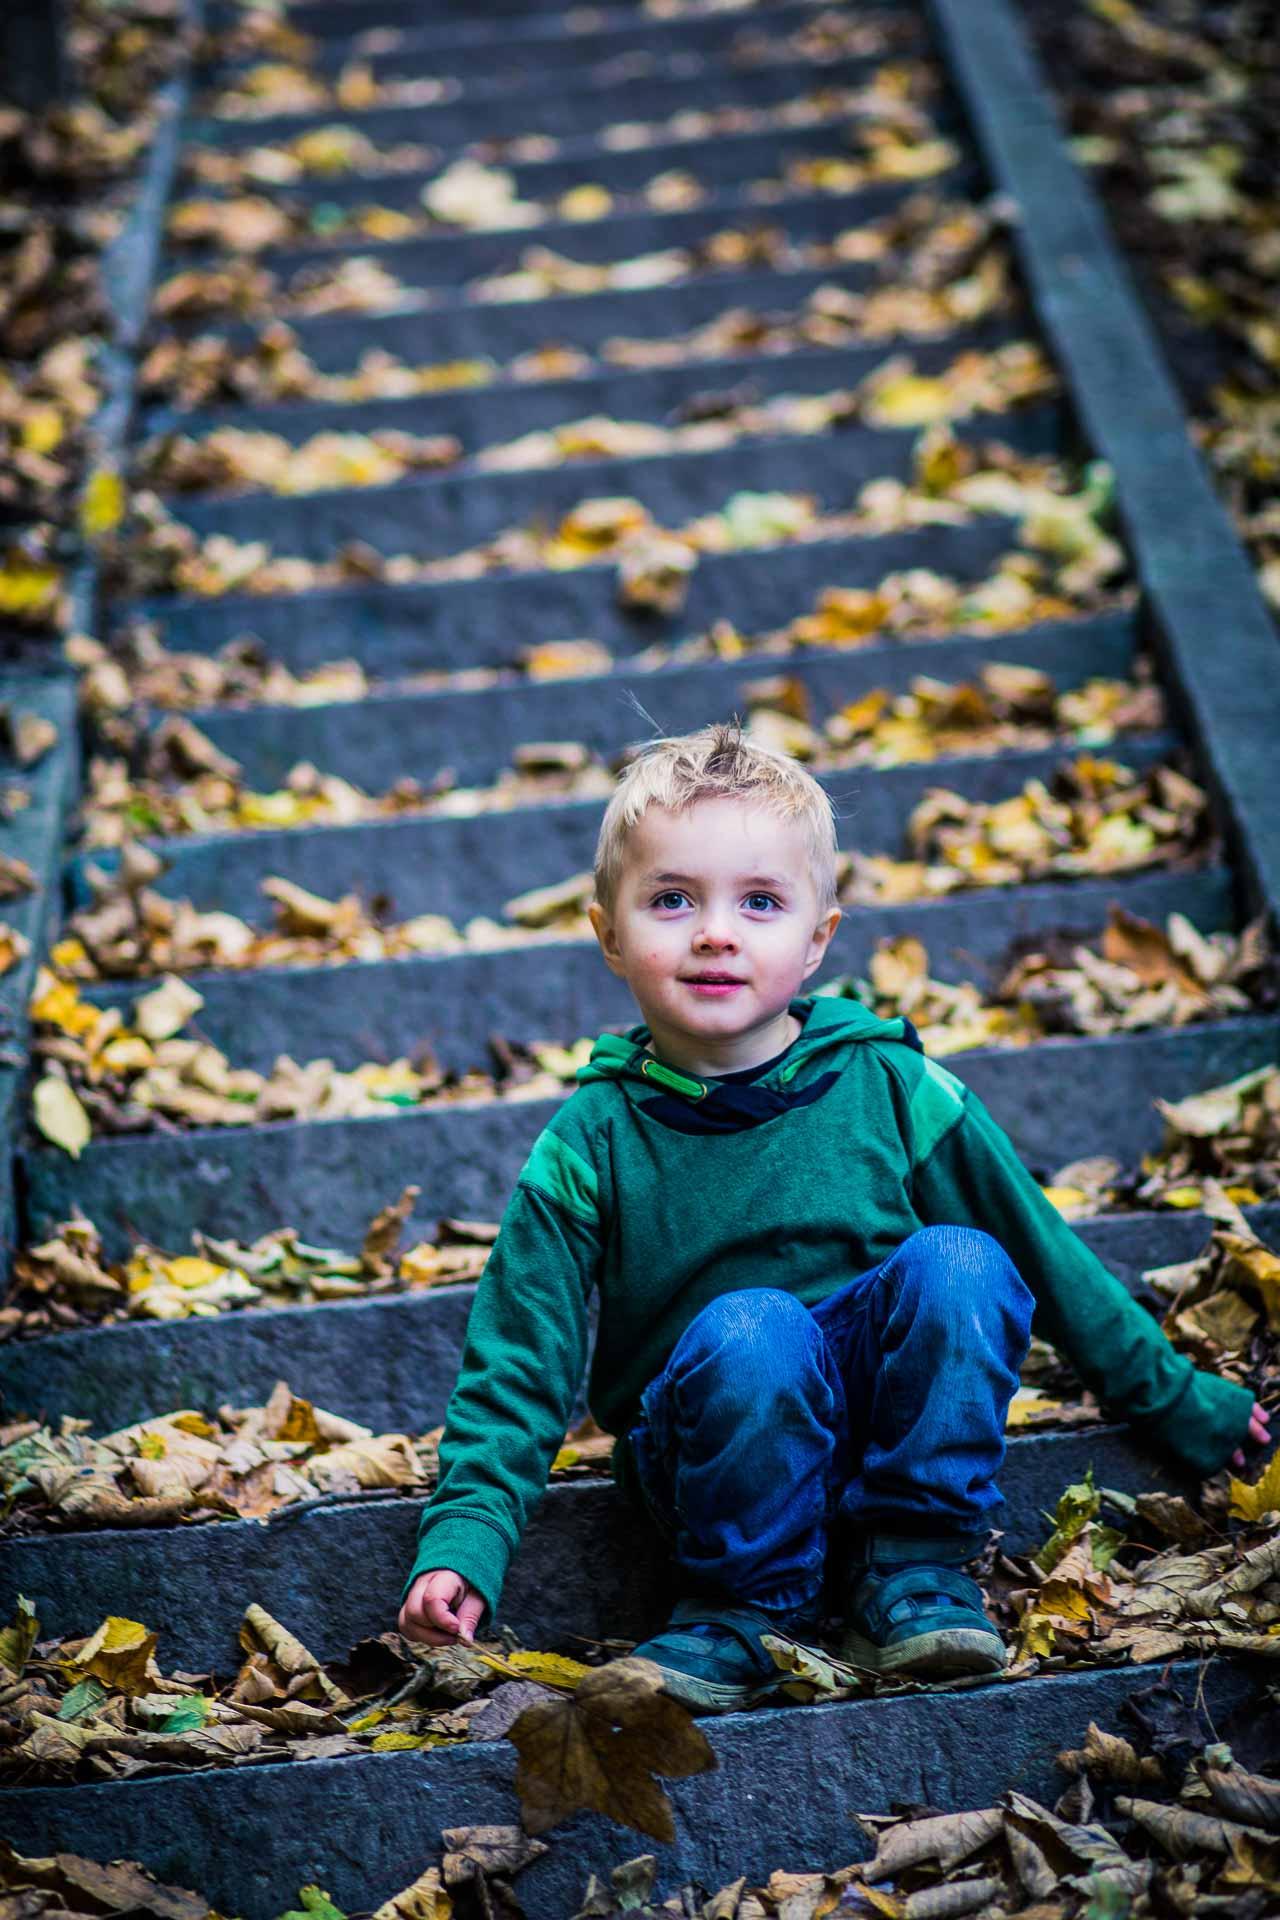 Børnefotografering med fokus på høj kvalitet